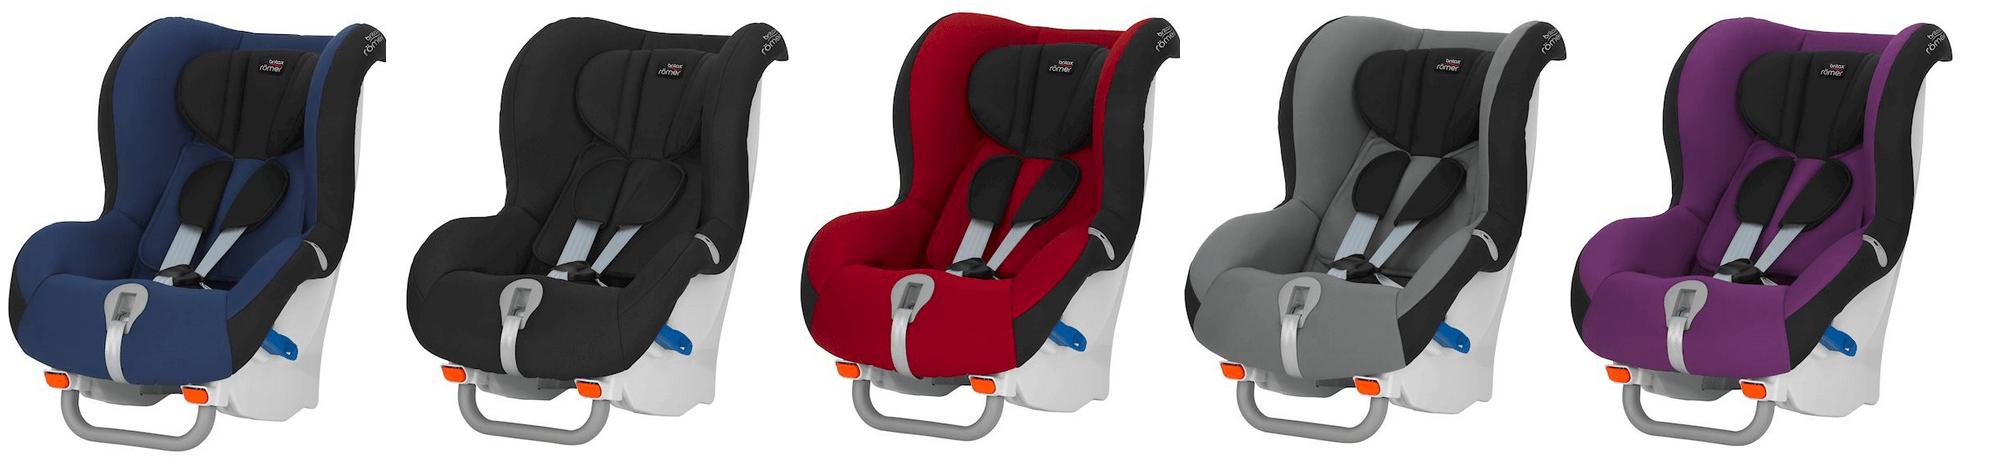 Britax Römer MAX-WAY: Ab sofort für 255 € und in fünf neuen coolen Farben